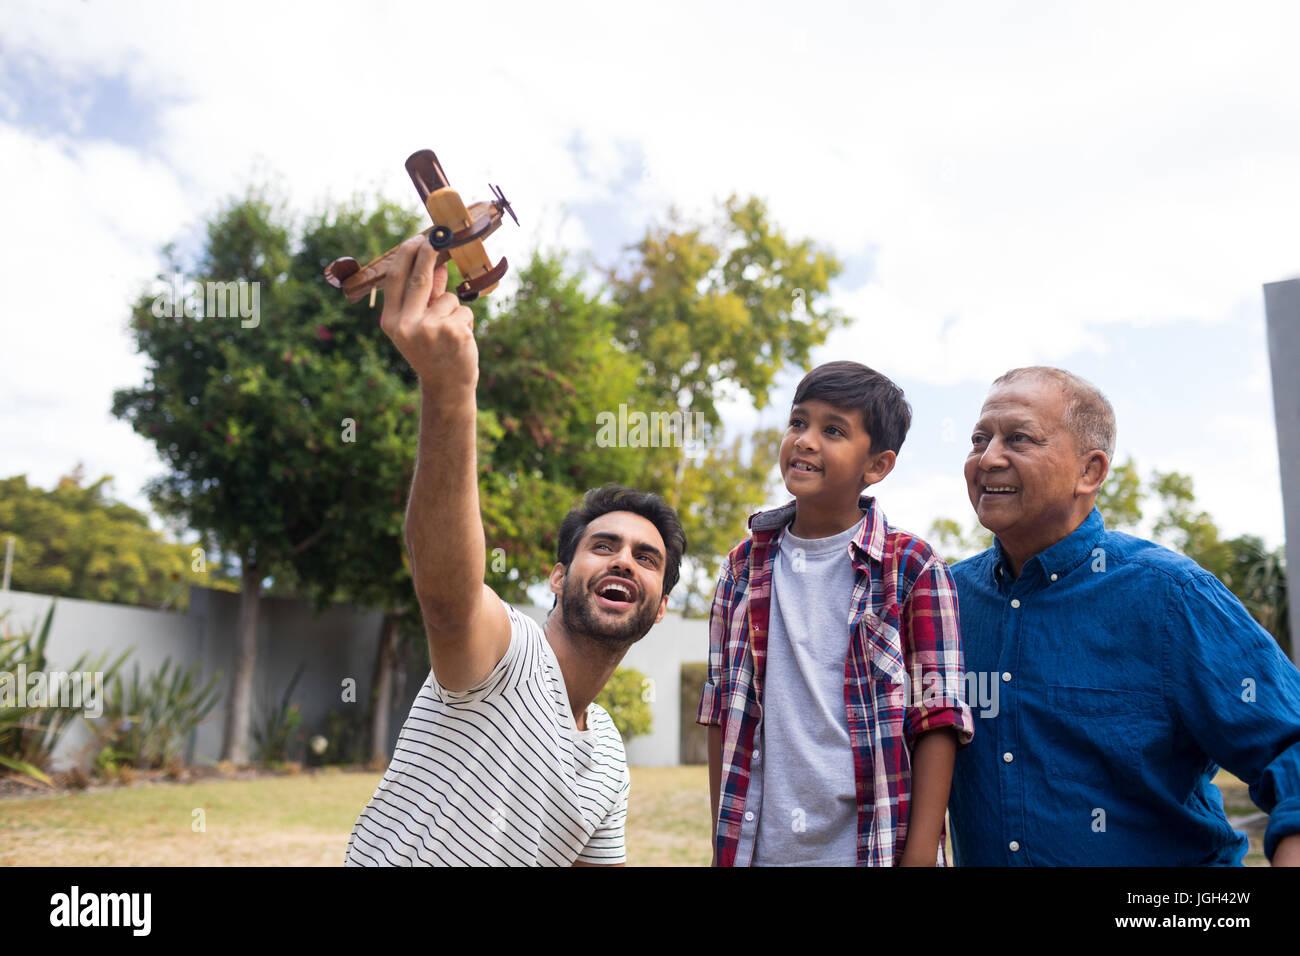 Junge mit Großvater Blick auf Menschen, die halten Spielzeugflugzeug beim Spielen im Hof Stockbild